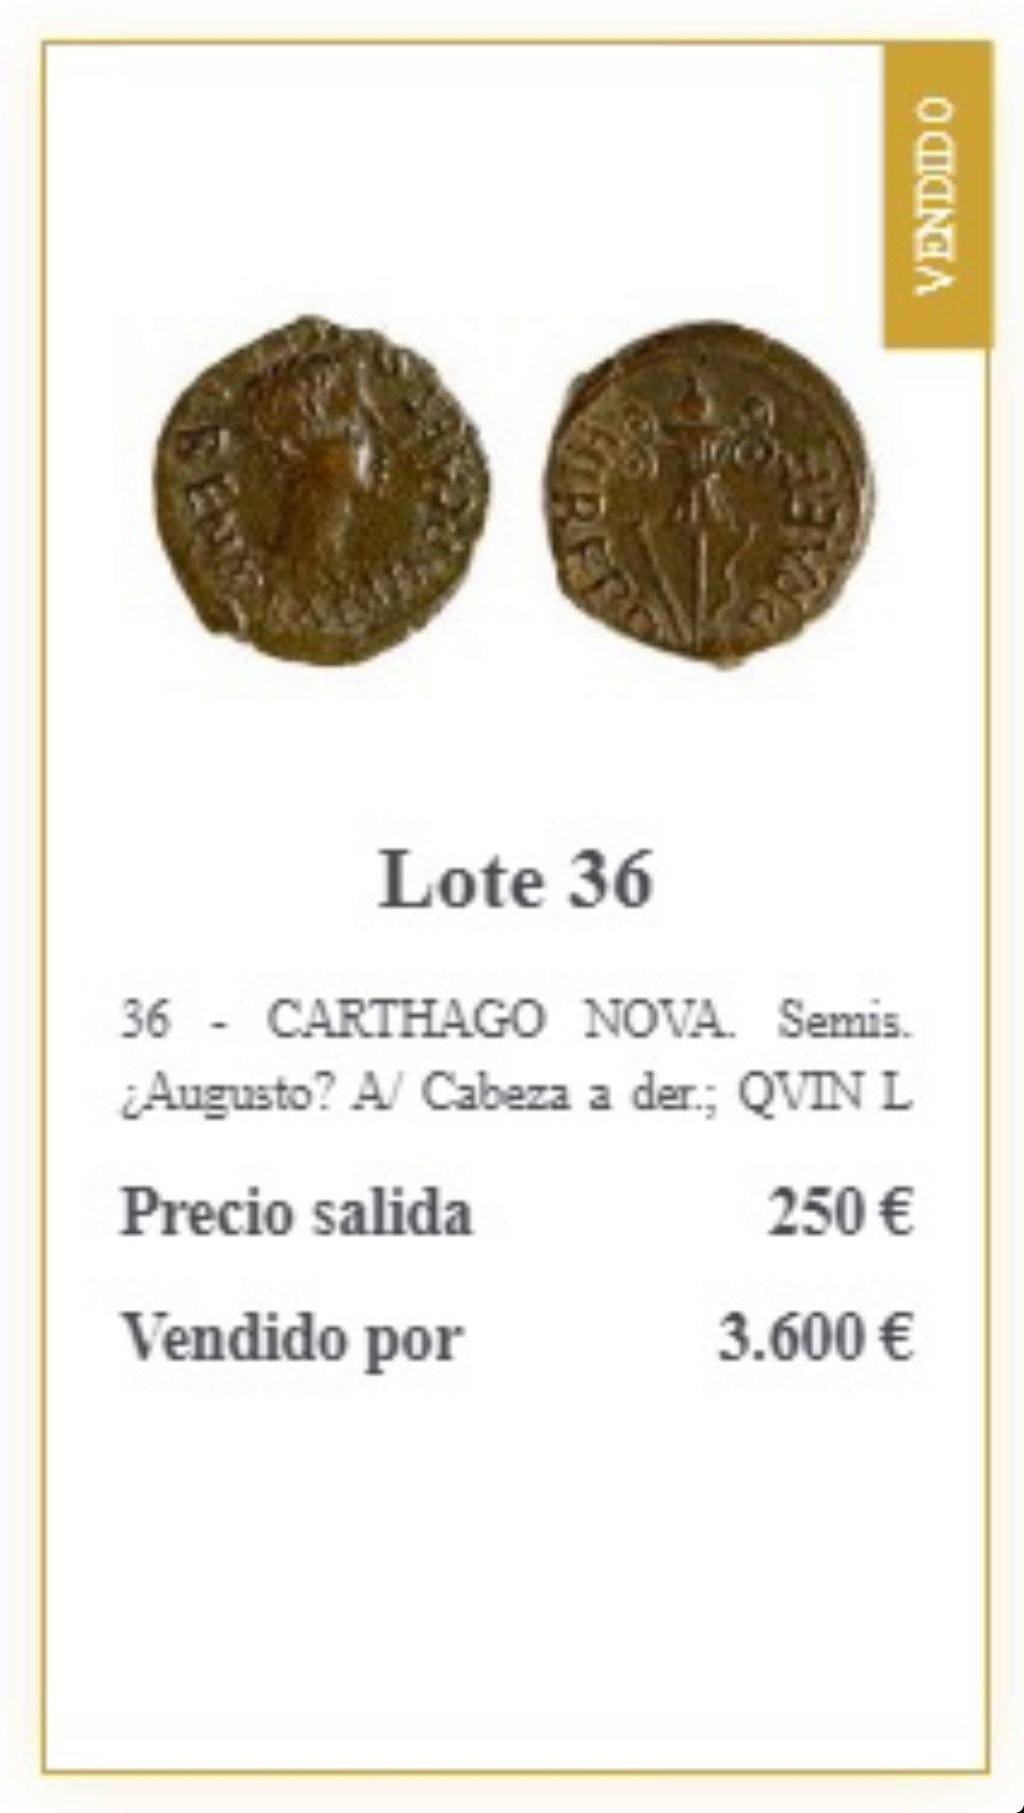 Jesús Vico - Subasta 50 aniversario - 14-04-2021 - Página 2 Screen11